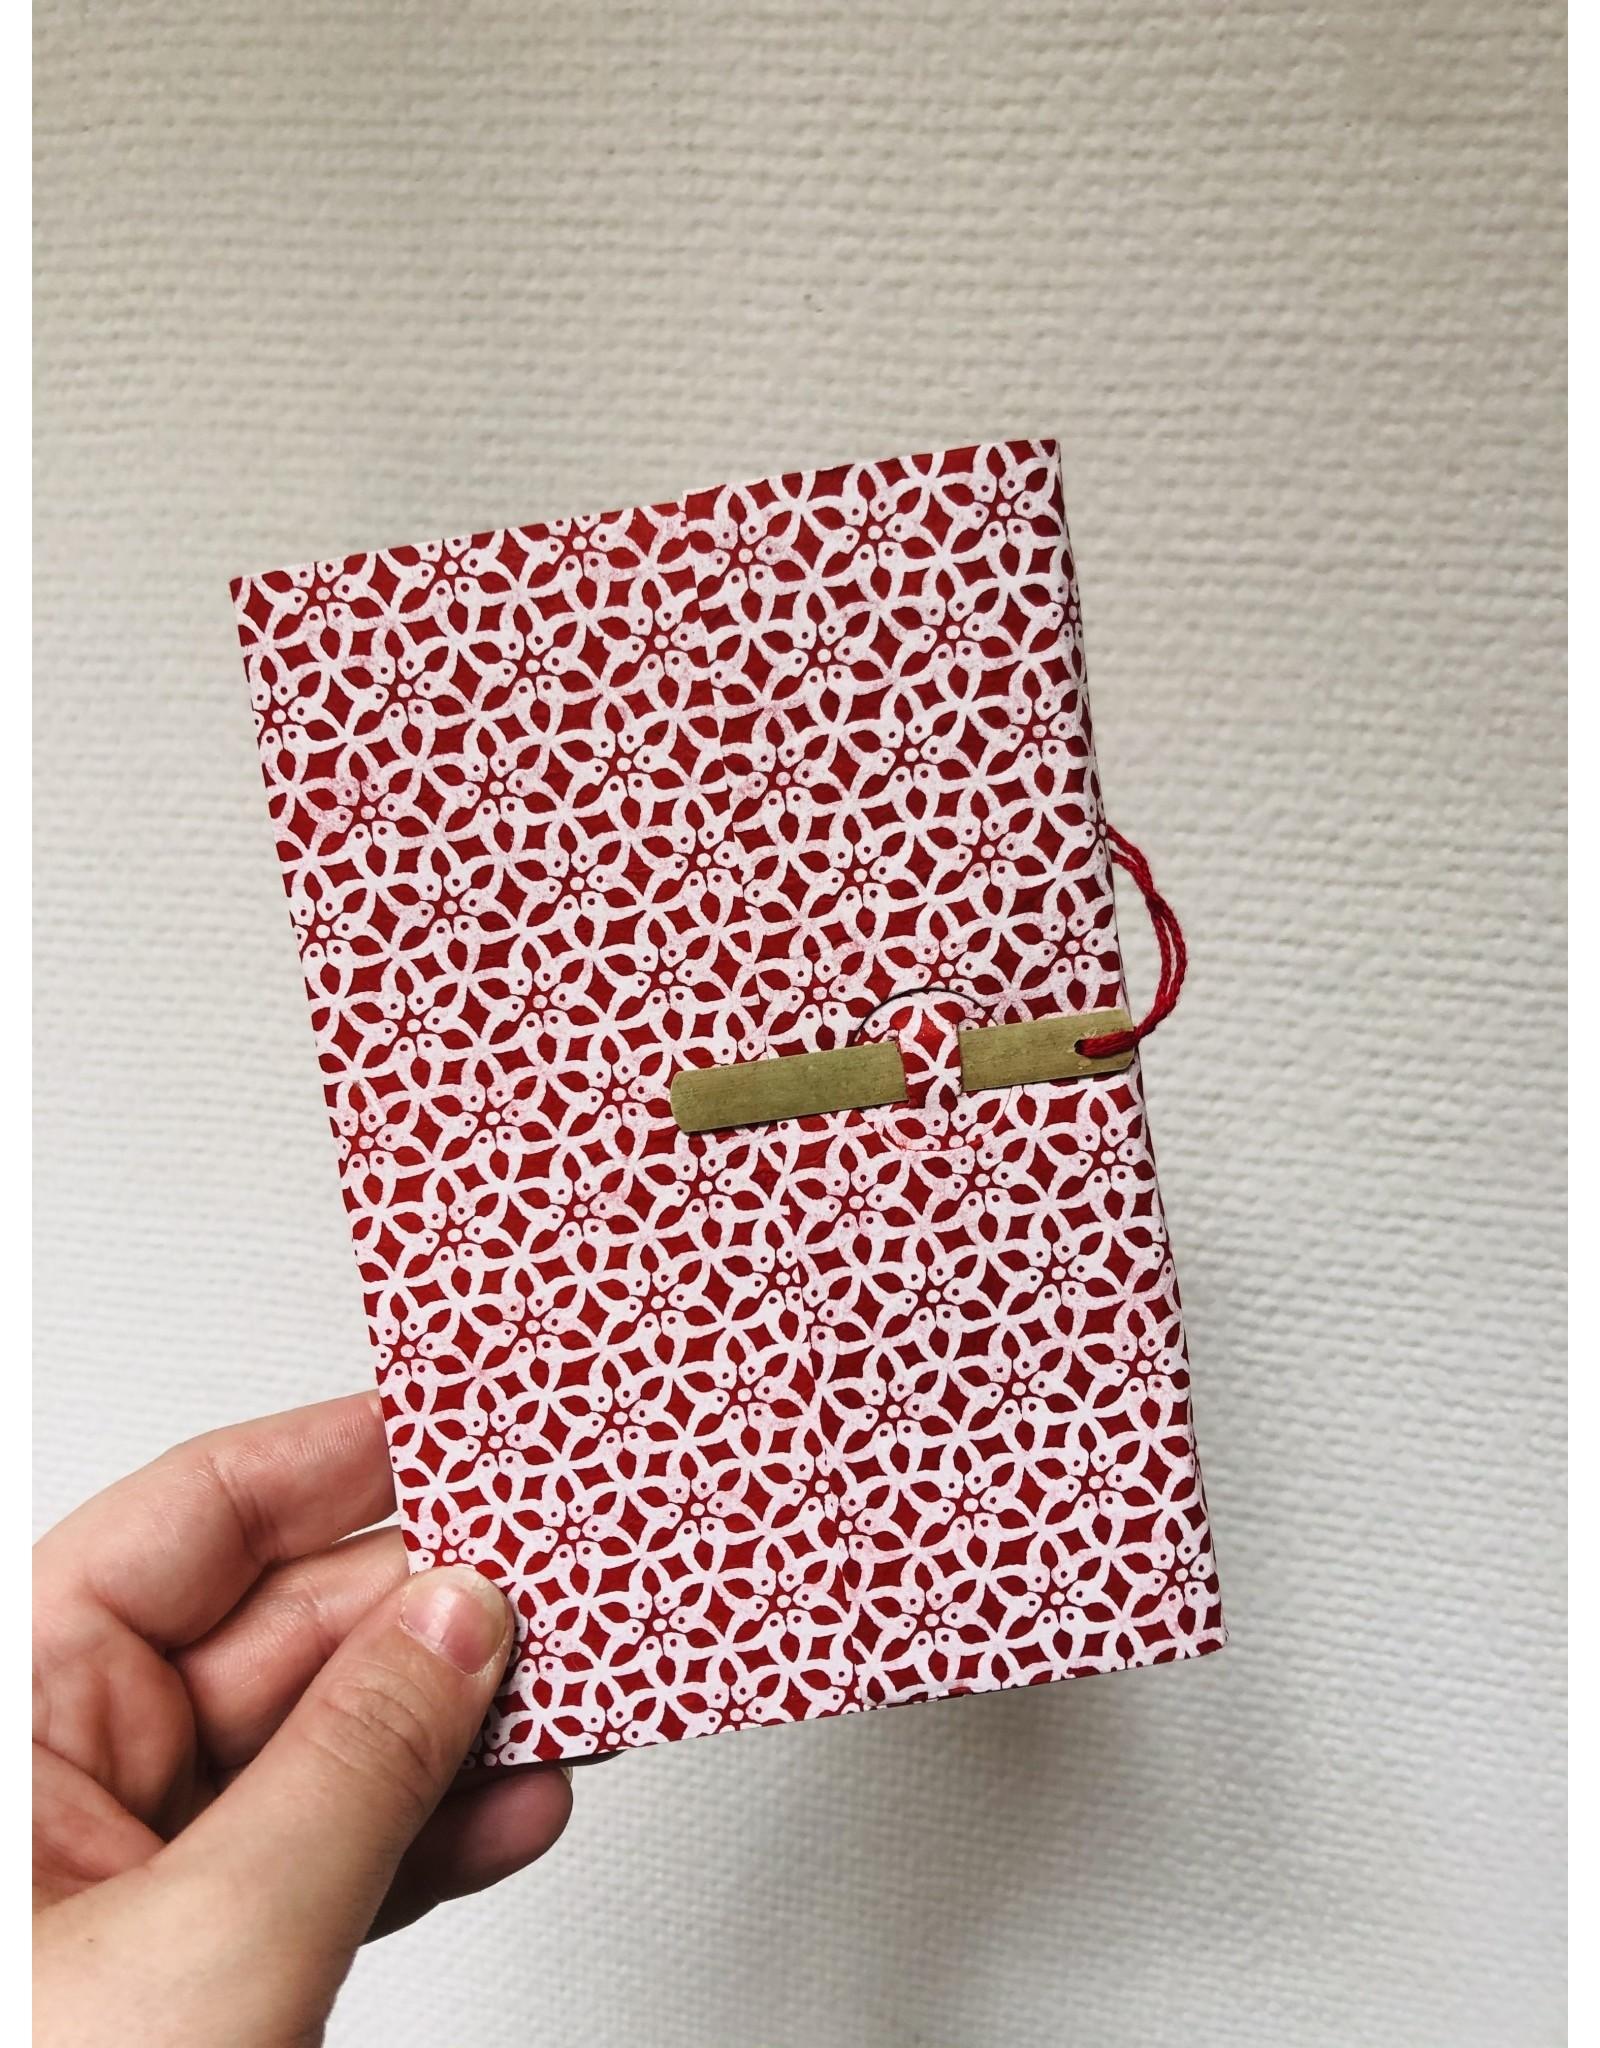 Lamali Boekje Escapade - Rood Bloem Patroon - Zachte papieren kaft  - 20 ivoren pagina's - Handgemaakt 100% katoenpapier - 10  x 15,5 cm